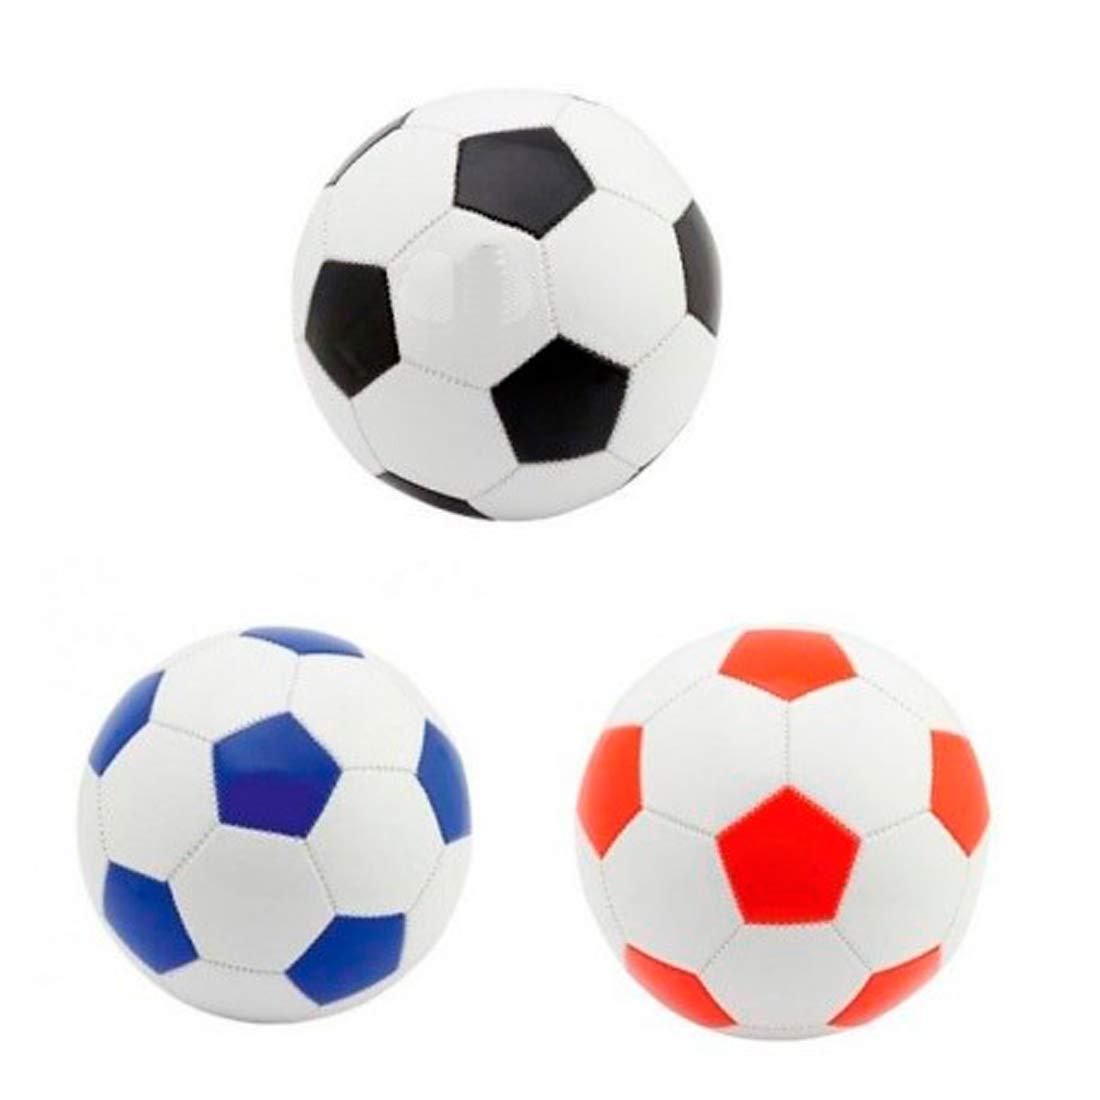 DISOK Lote de 15 Balones de Fútbol Pelotas Tamaño FIFA 5. 280 gr - Detalles  y Regalos para niños 46c39574035b7